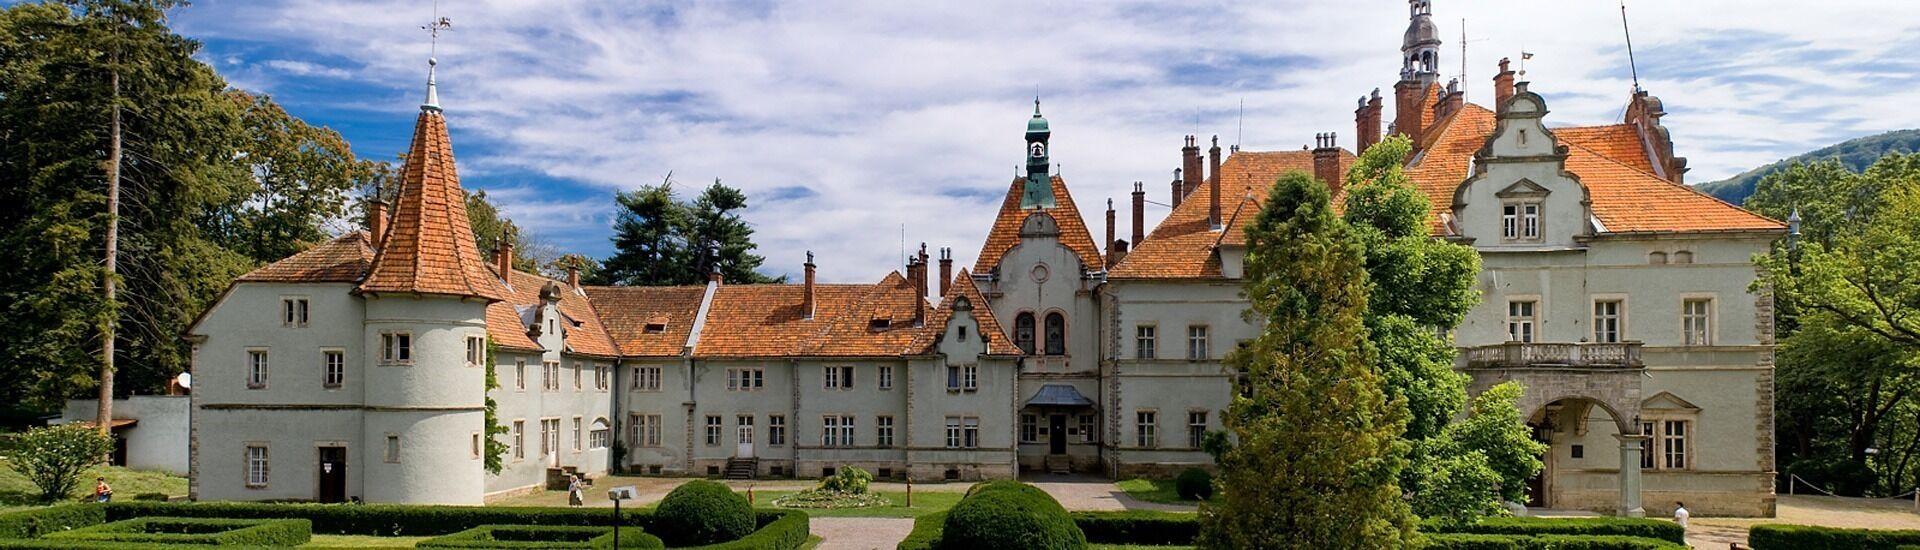 Замок Берегвар — романтичная резиденция графов Шёнборнов.